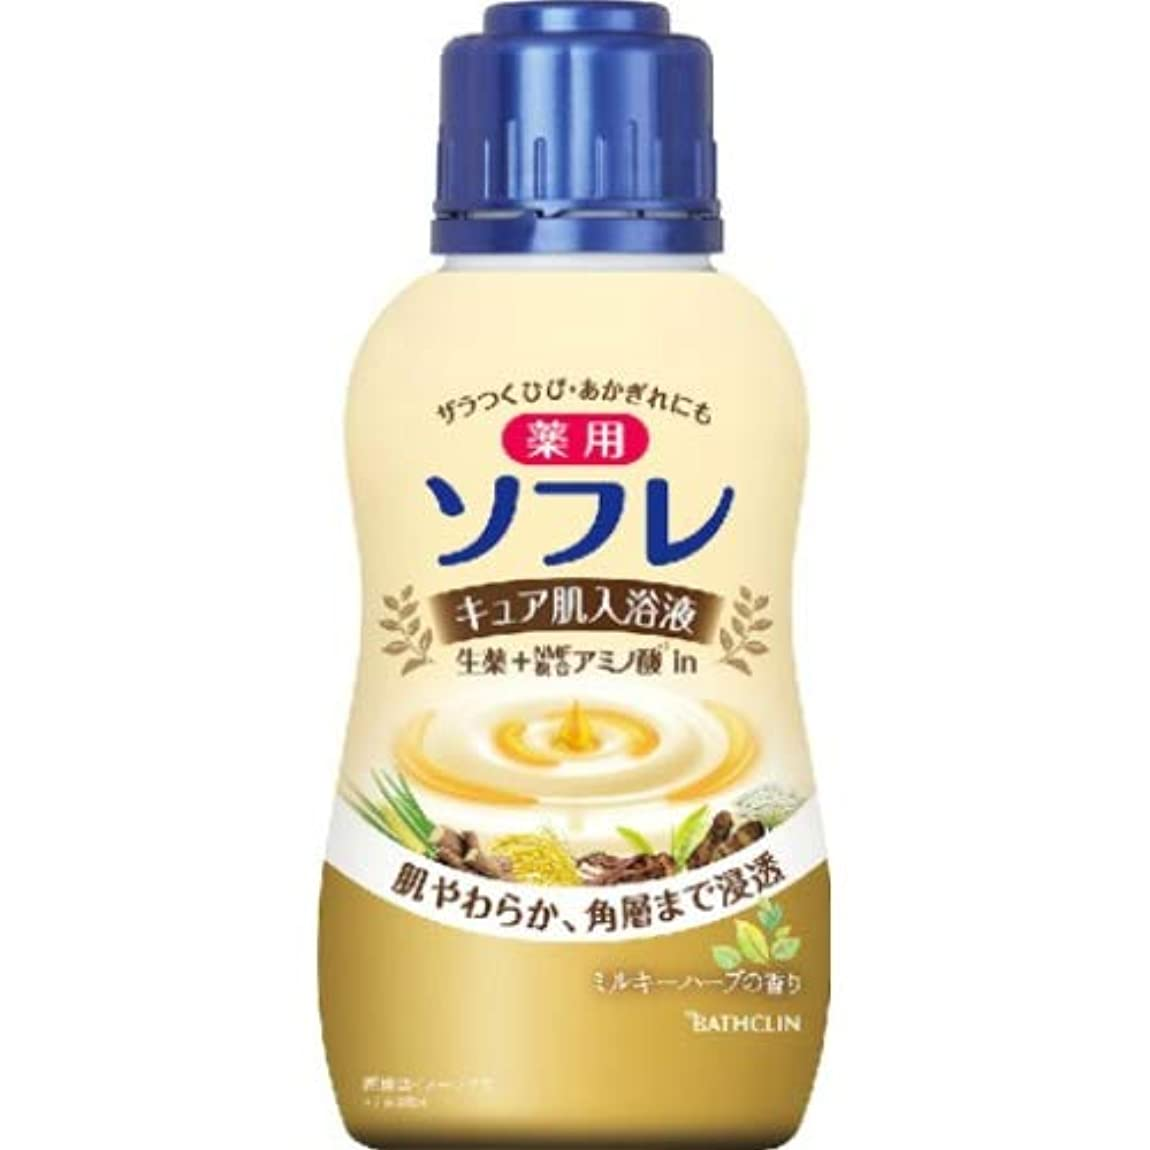 研究に応じて雲バスクリン 薬用ソフレ キュア肌入浴液 ミルキーハーブの香り 480ml